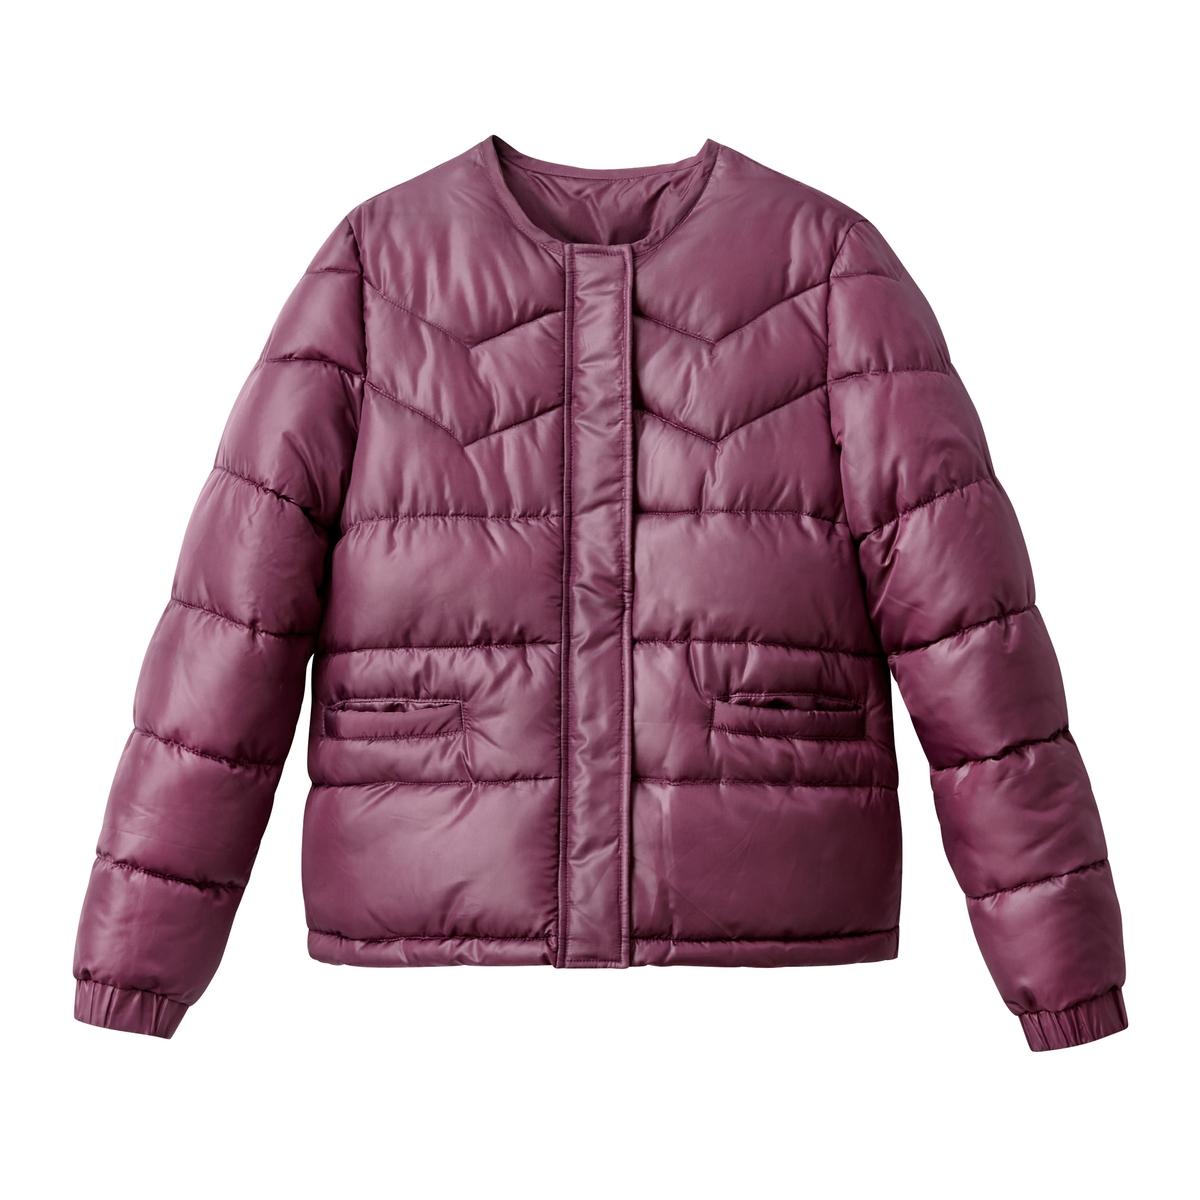 Куртка с круглым вырезомОписание:Вам придется по вкусу дизайн этой куртки, которая легко сочетается с любой одеждой . Это незаменимая вещь на зимний период .Детали •  Длина : укороченная  •  Круглый вырез •  Застежка на молниюСостав и уход •  100% полиэстер •  Подкладка : 100% полиэстер • Не стирать •  Любые растворители / не отбеливать   •  Не использовать барабанную сушку  •  Не гладить •  Длина : 62 см<br><br>Цвет: фиолетовый,черный<br>Размер: 42 (FR) - 48 (RUS).38 (FR) - 44 (RUS).52 (FR) - 58 (RUS).50 (FR) - 56 (RUS).44 (FR) - 50 (RUS).42 (FR) - 48 (RUS).52 (FR) - 58 (RUS).50 (FR) - 56 (RUS).48 (FR) - 54 (RUS).34 (FR) - 40 (RUS).46 (FR) - 52 (RUS).40 (FR) - 46 (RUS).38 (FR) - 44 (RUS).46 (FR) - 52 (RUS).44 (FR) - 50 (RUS).40 (FR) - 46 (RUS)